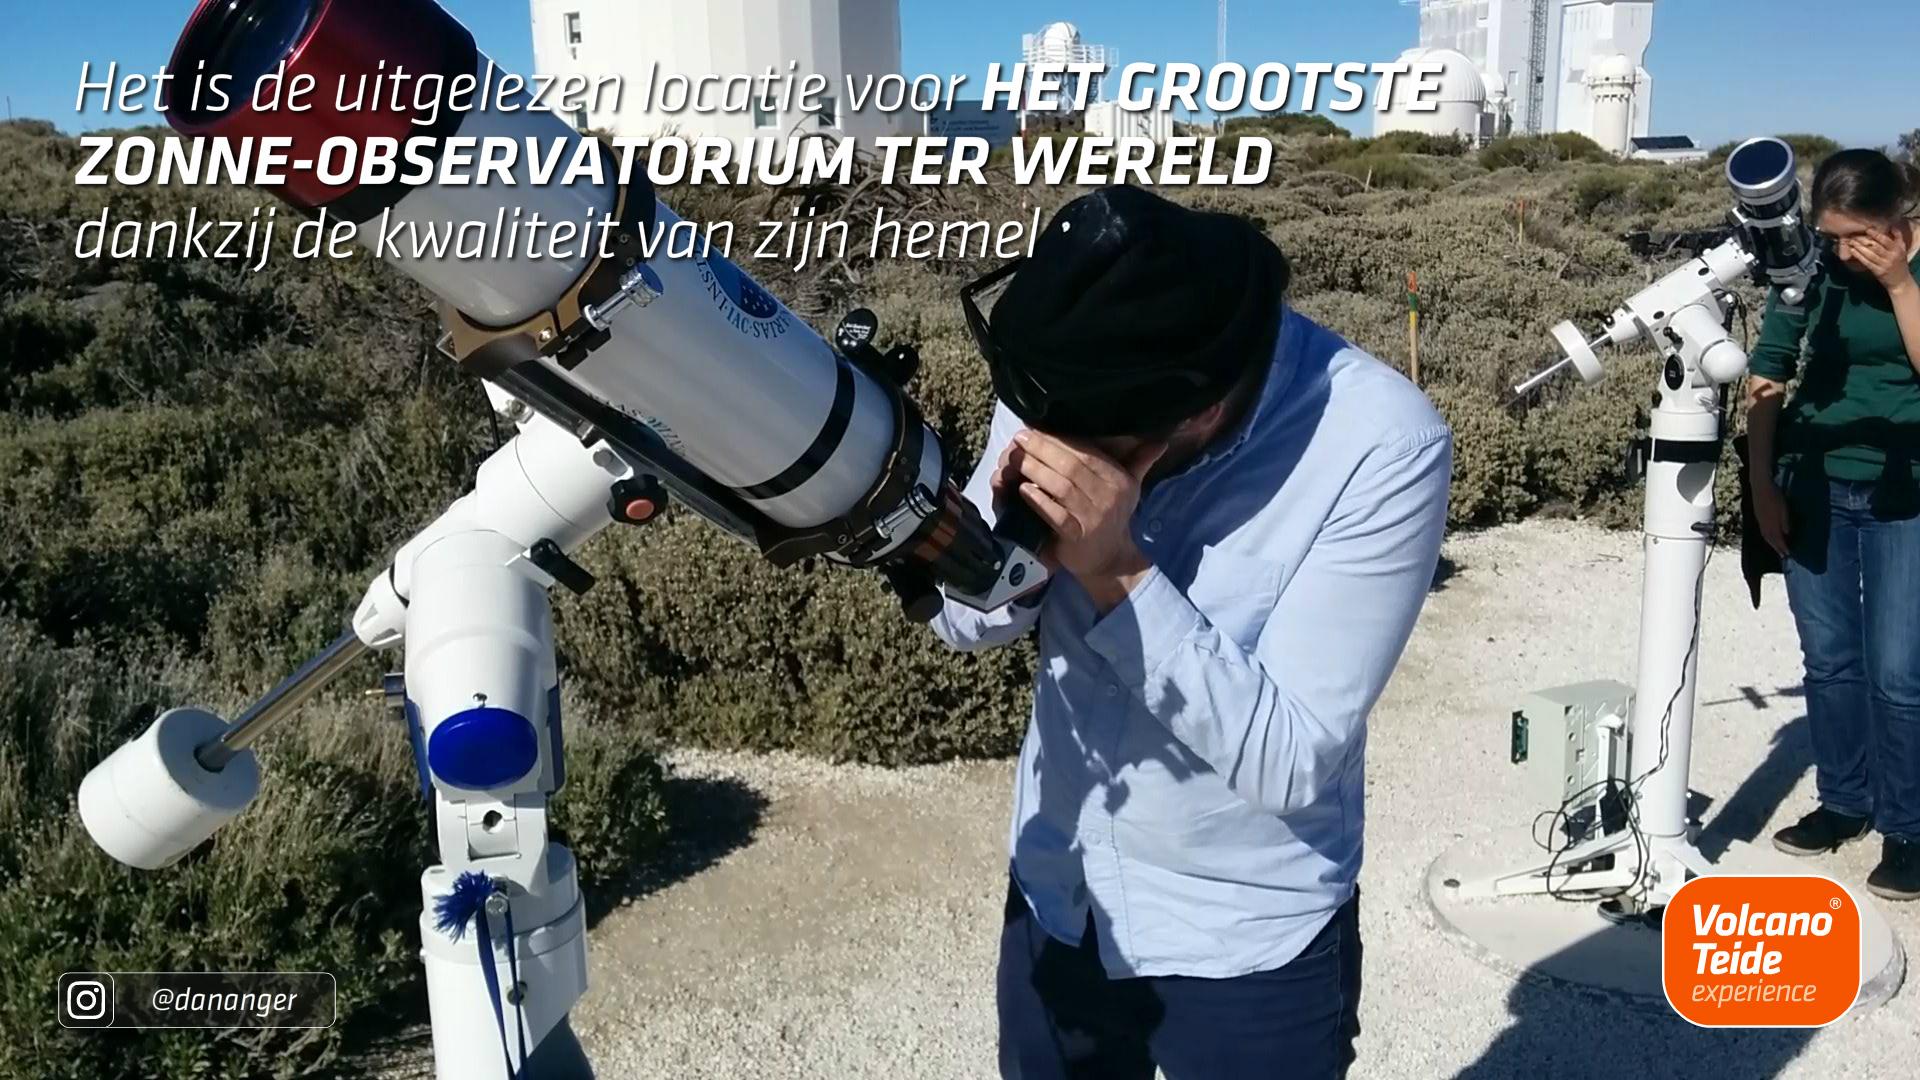 Hoe kan ik het Observatorium de Teide bezoeken?